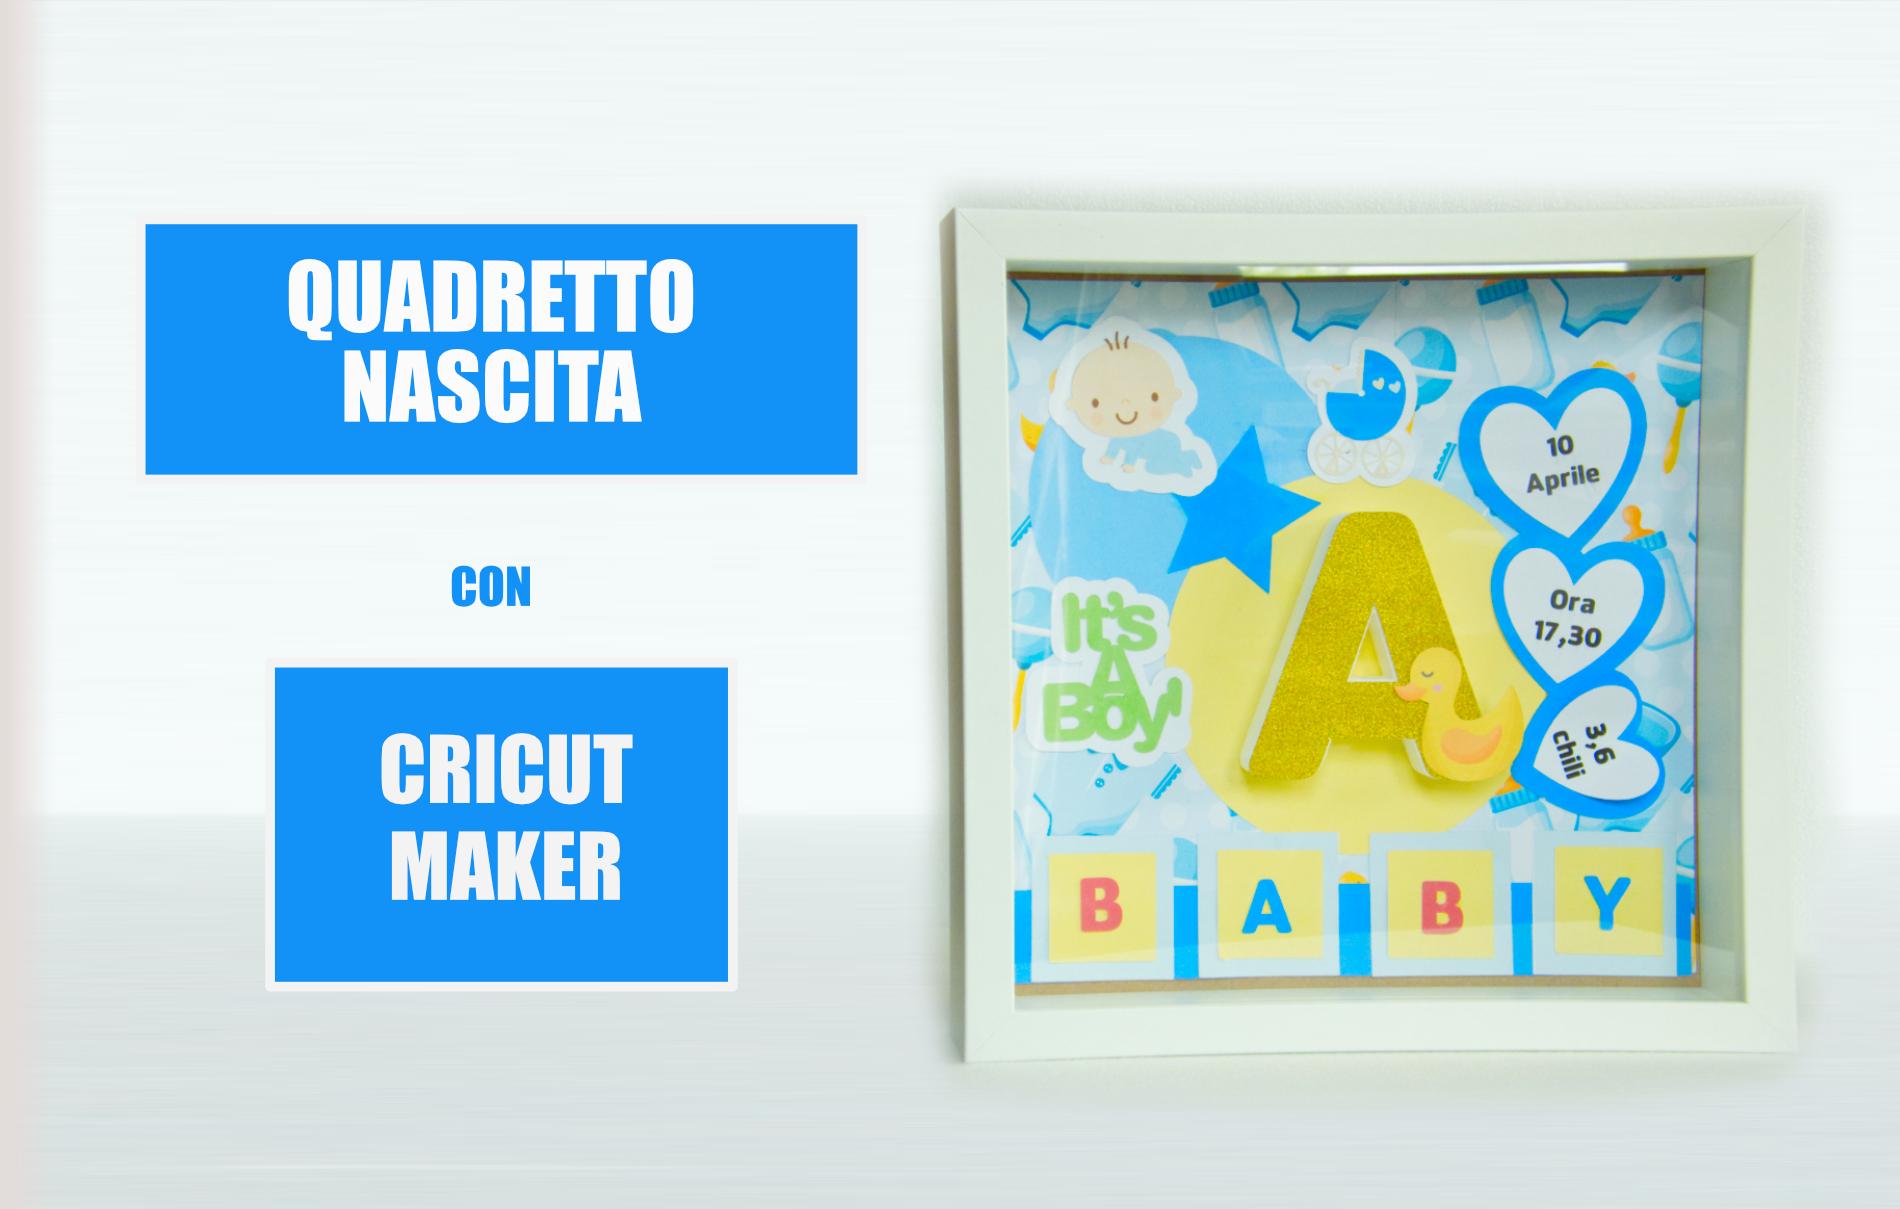 quadretto nascita tutorial cricut